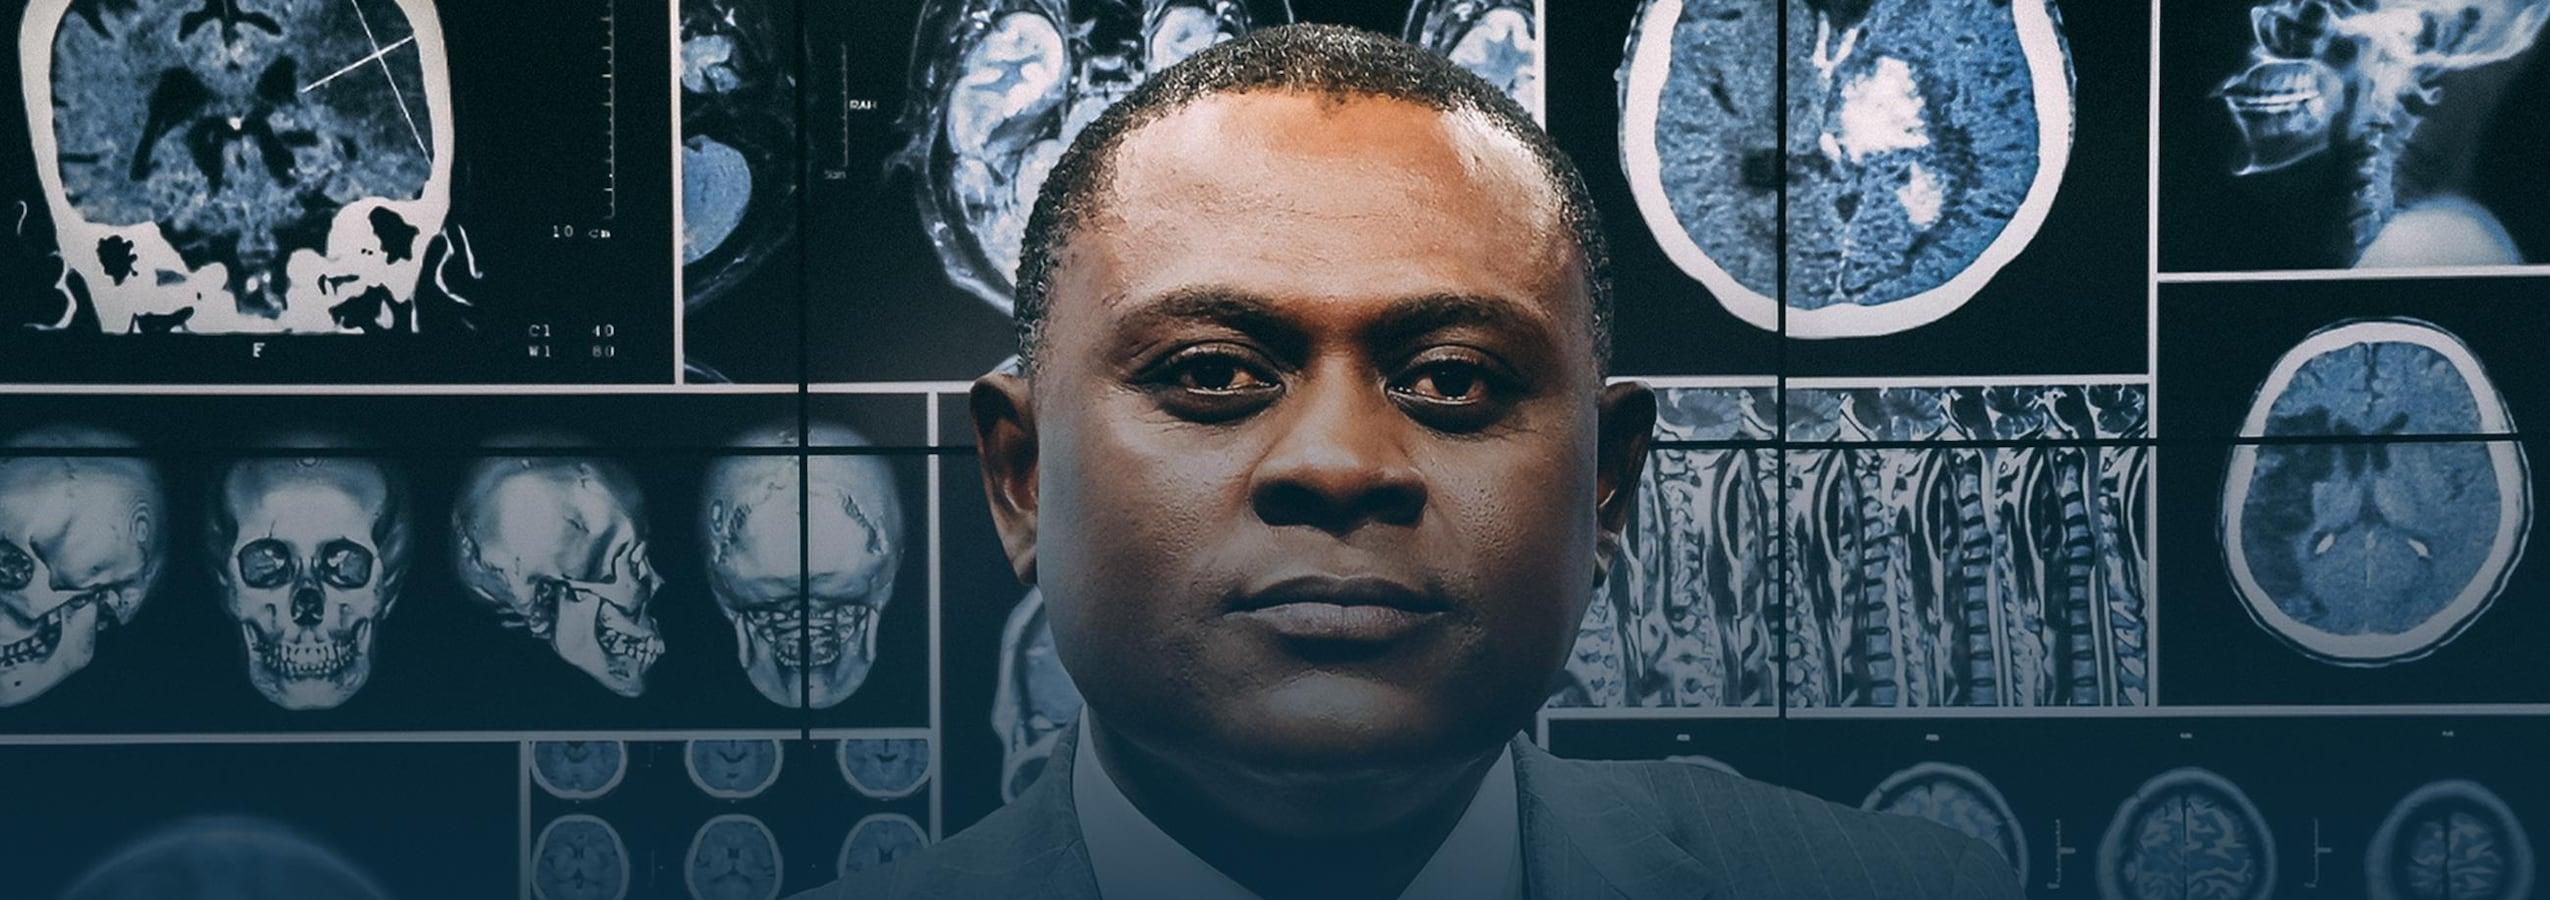 Le Dr Bennet Omalu se tient devant des planches de scans de cerveaux humains.